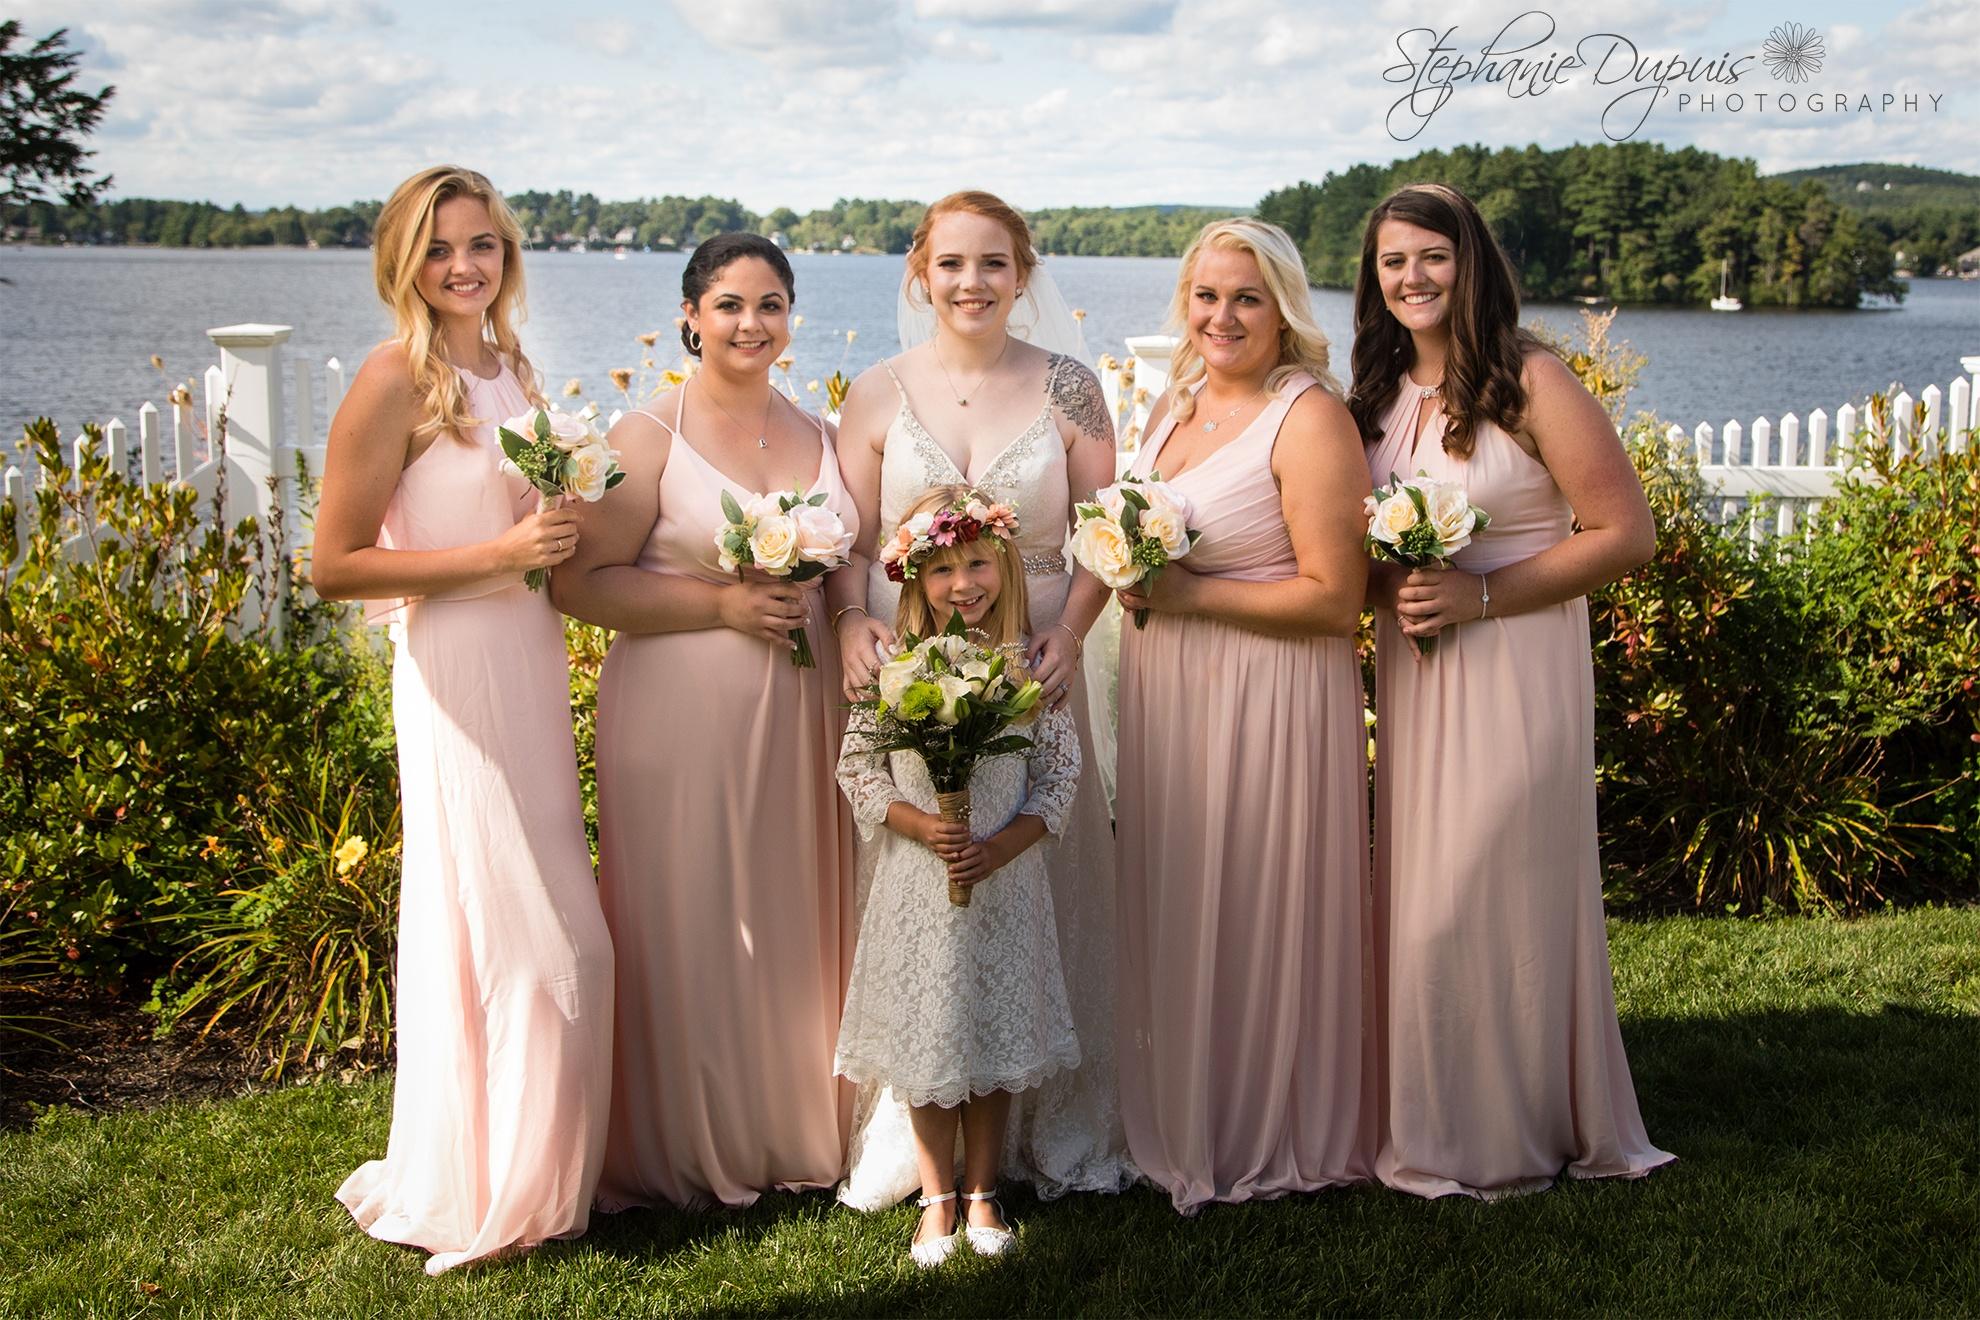 Gaffney 16 - Portfolio: Gaffney Wedding